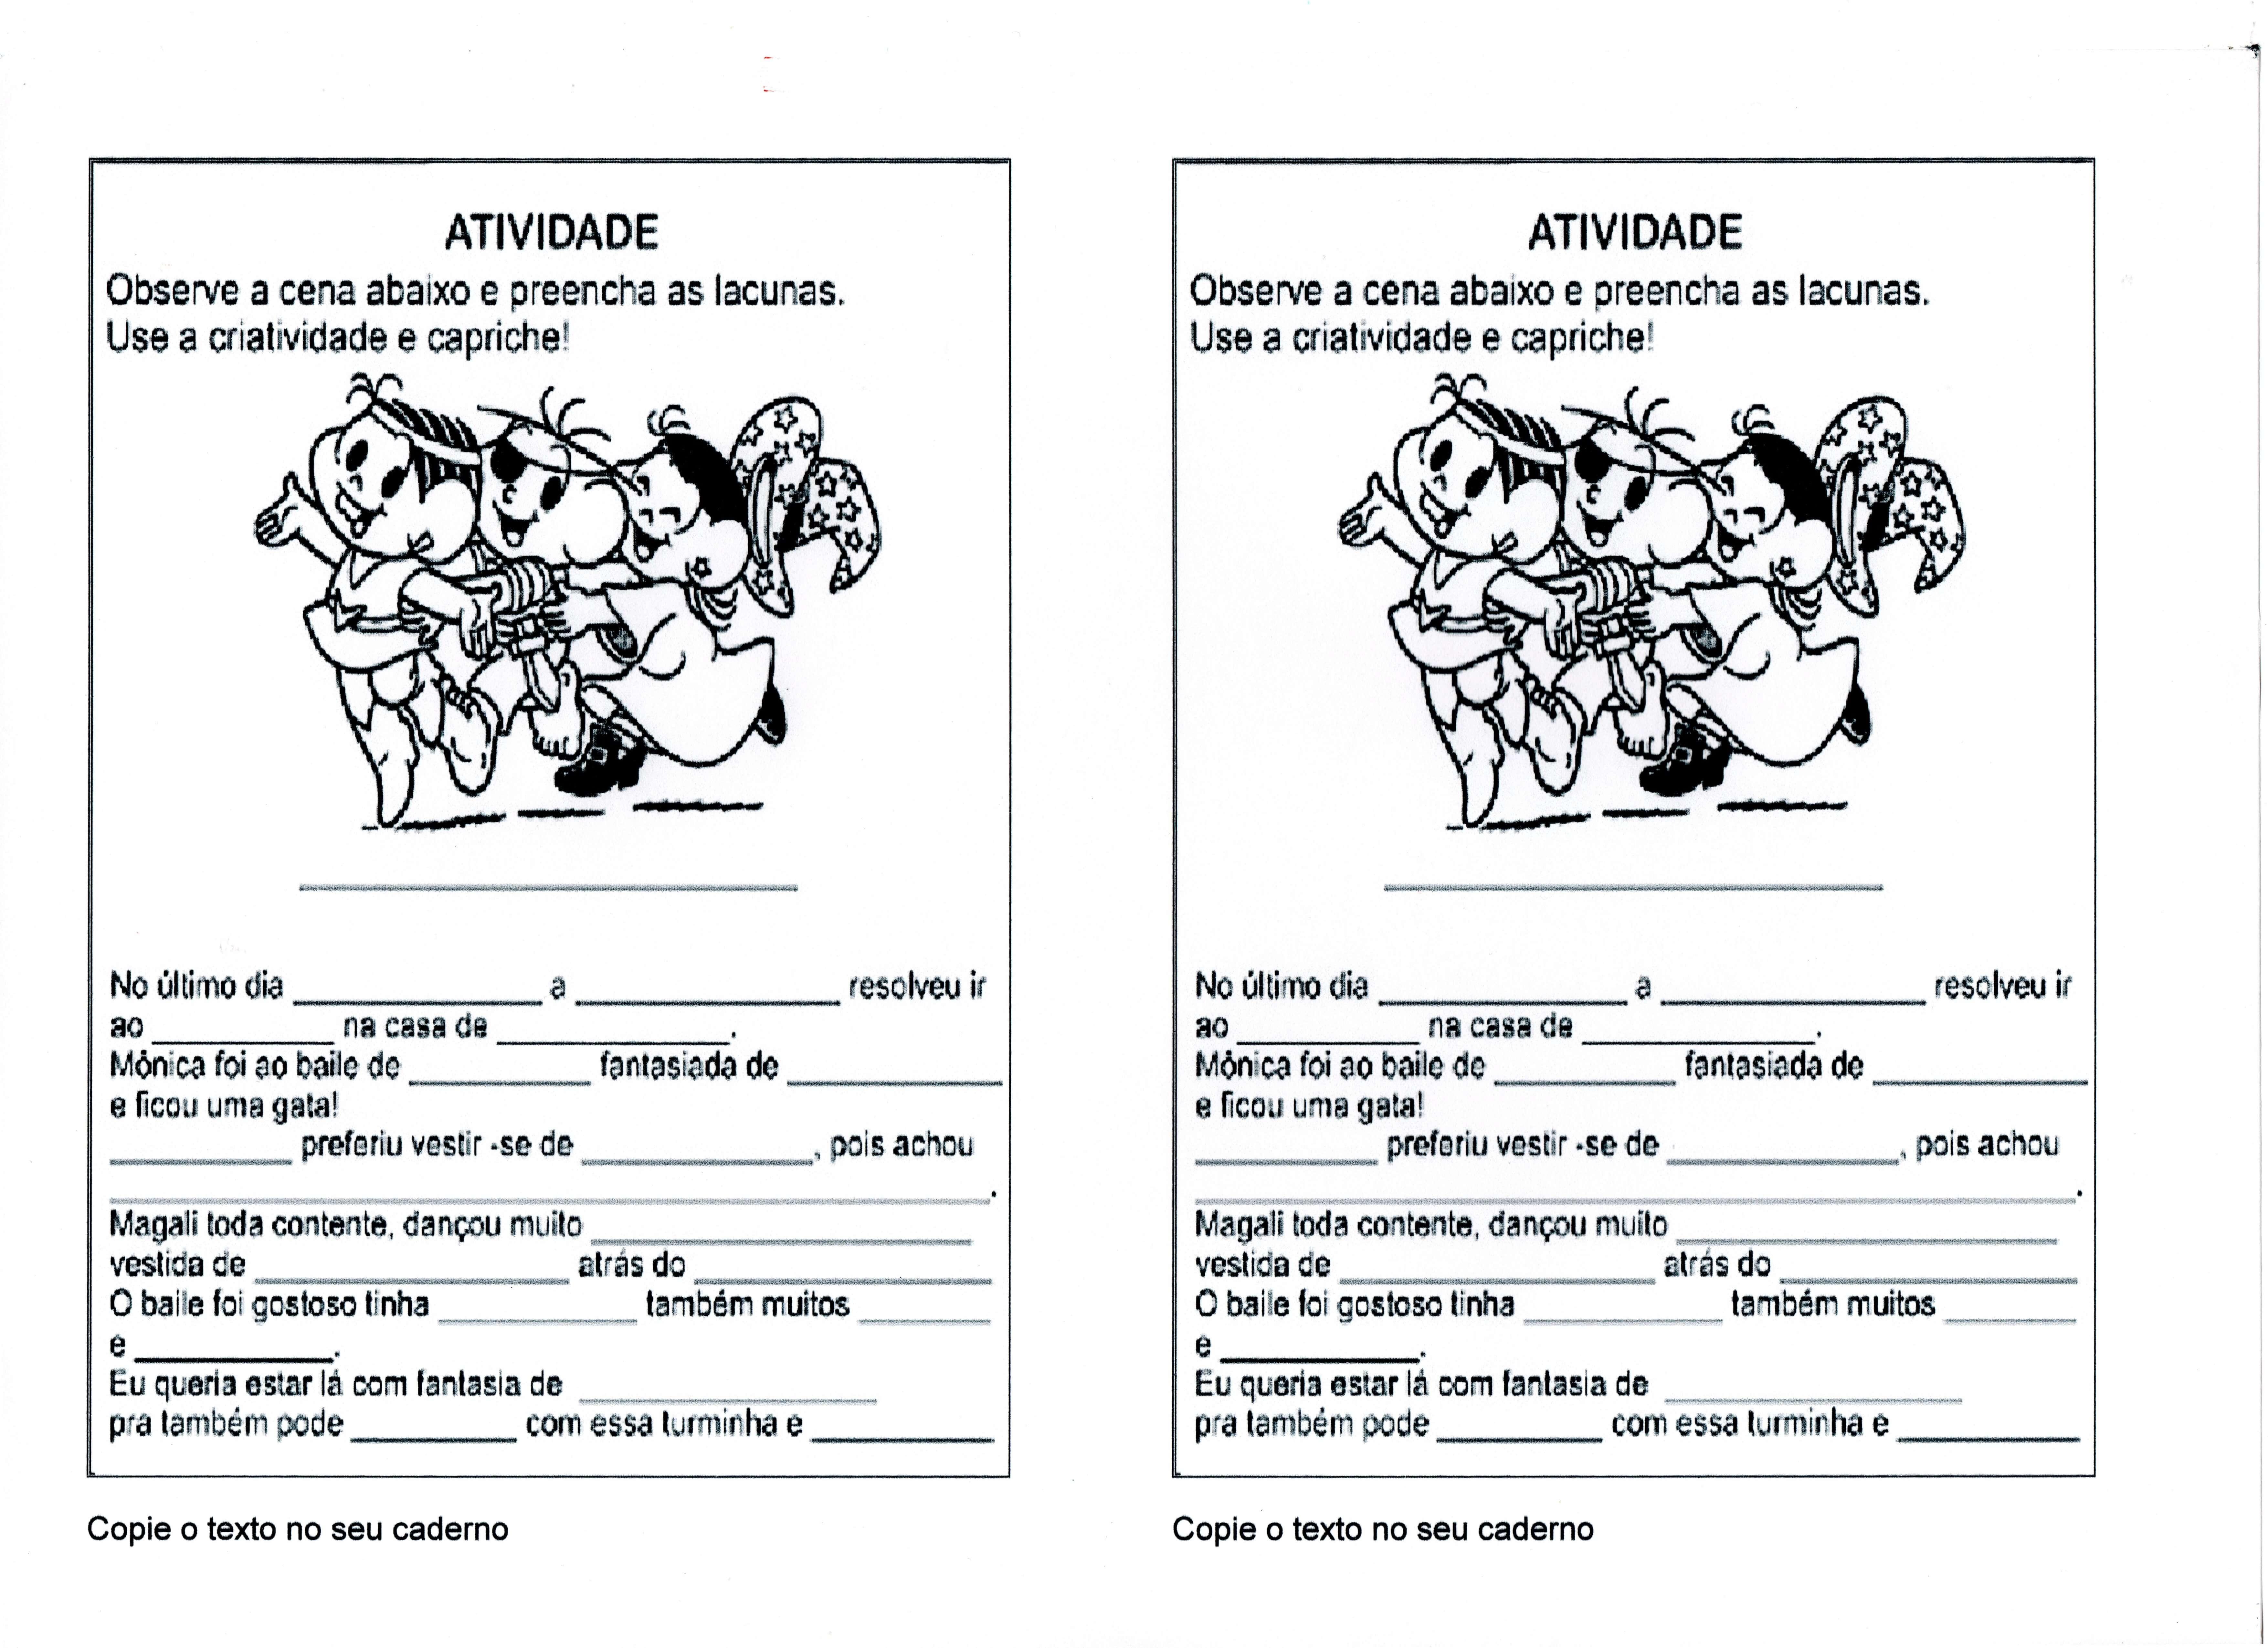 Calendario Para Rellenar E Imprimir 2017 Más Recientes Index Of Wp Content 2015 07 Of Calendario Para Rellenar E Imprimir 2017 Actual Calendario De Adviento Da 5 App Para organizar El Amigo